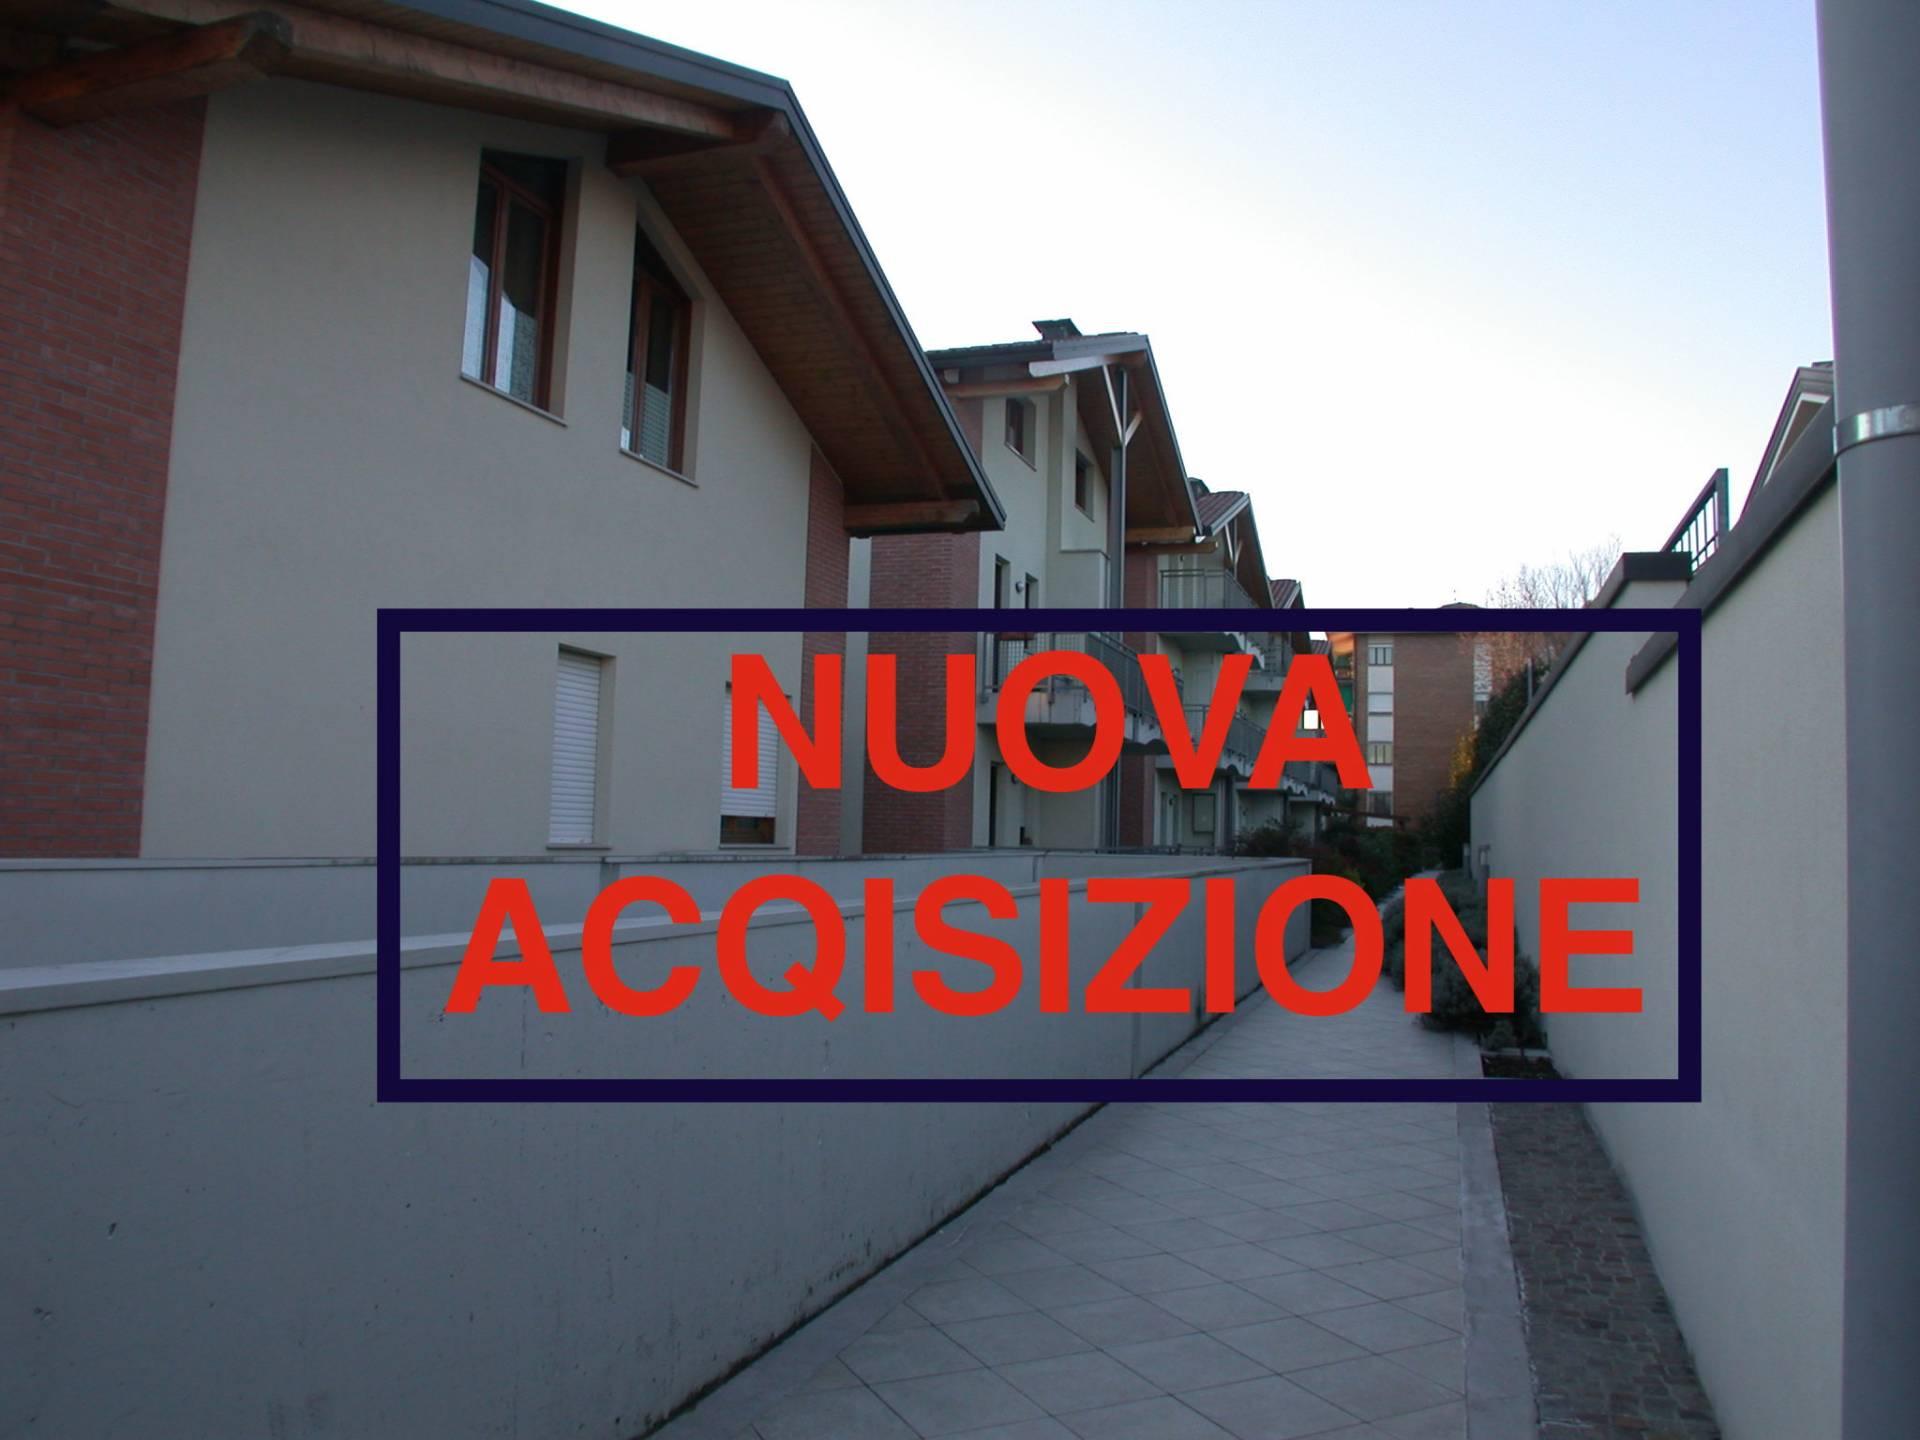 Appartamento in affitto a Gorizia, 3 locali, zona Località: S.Anna, prezzo € 410 | Cambio Casa.it